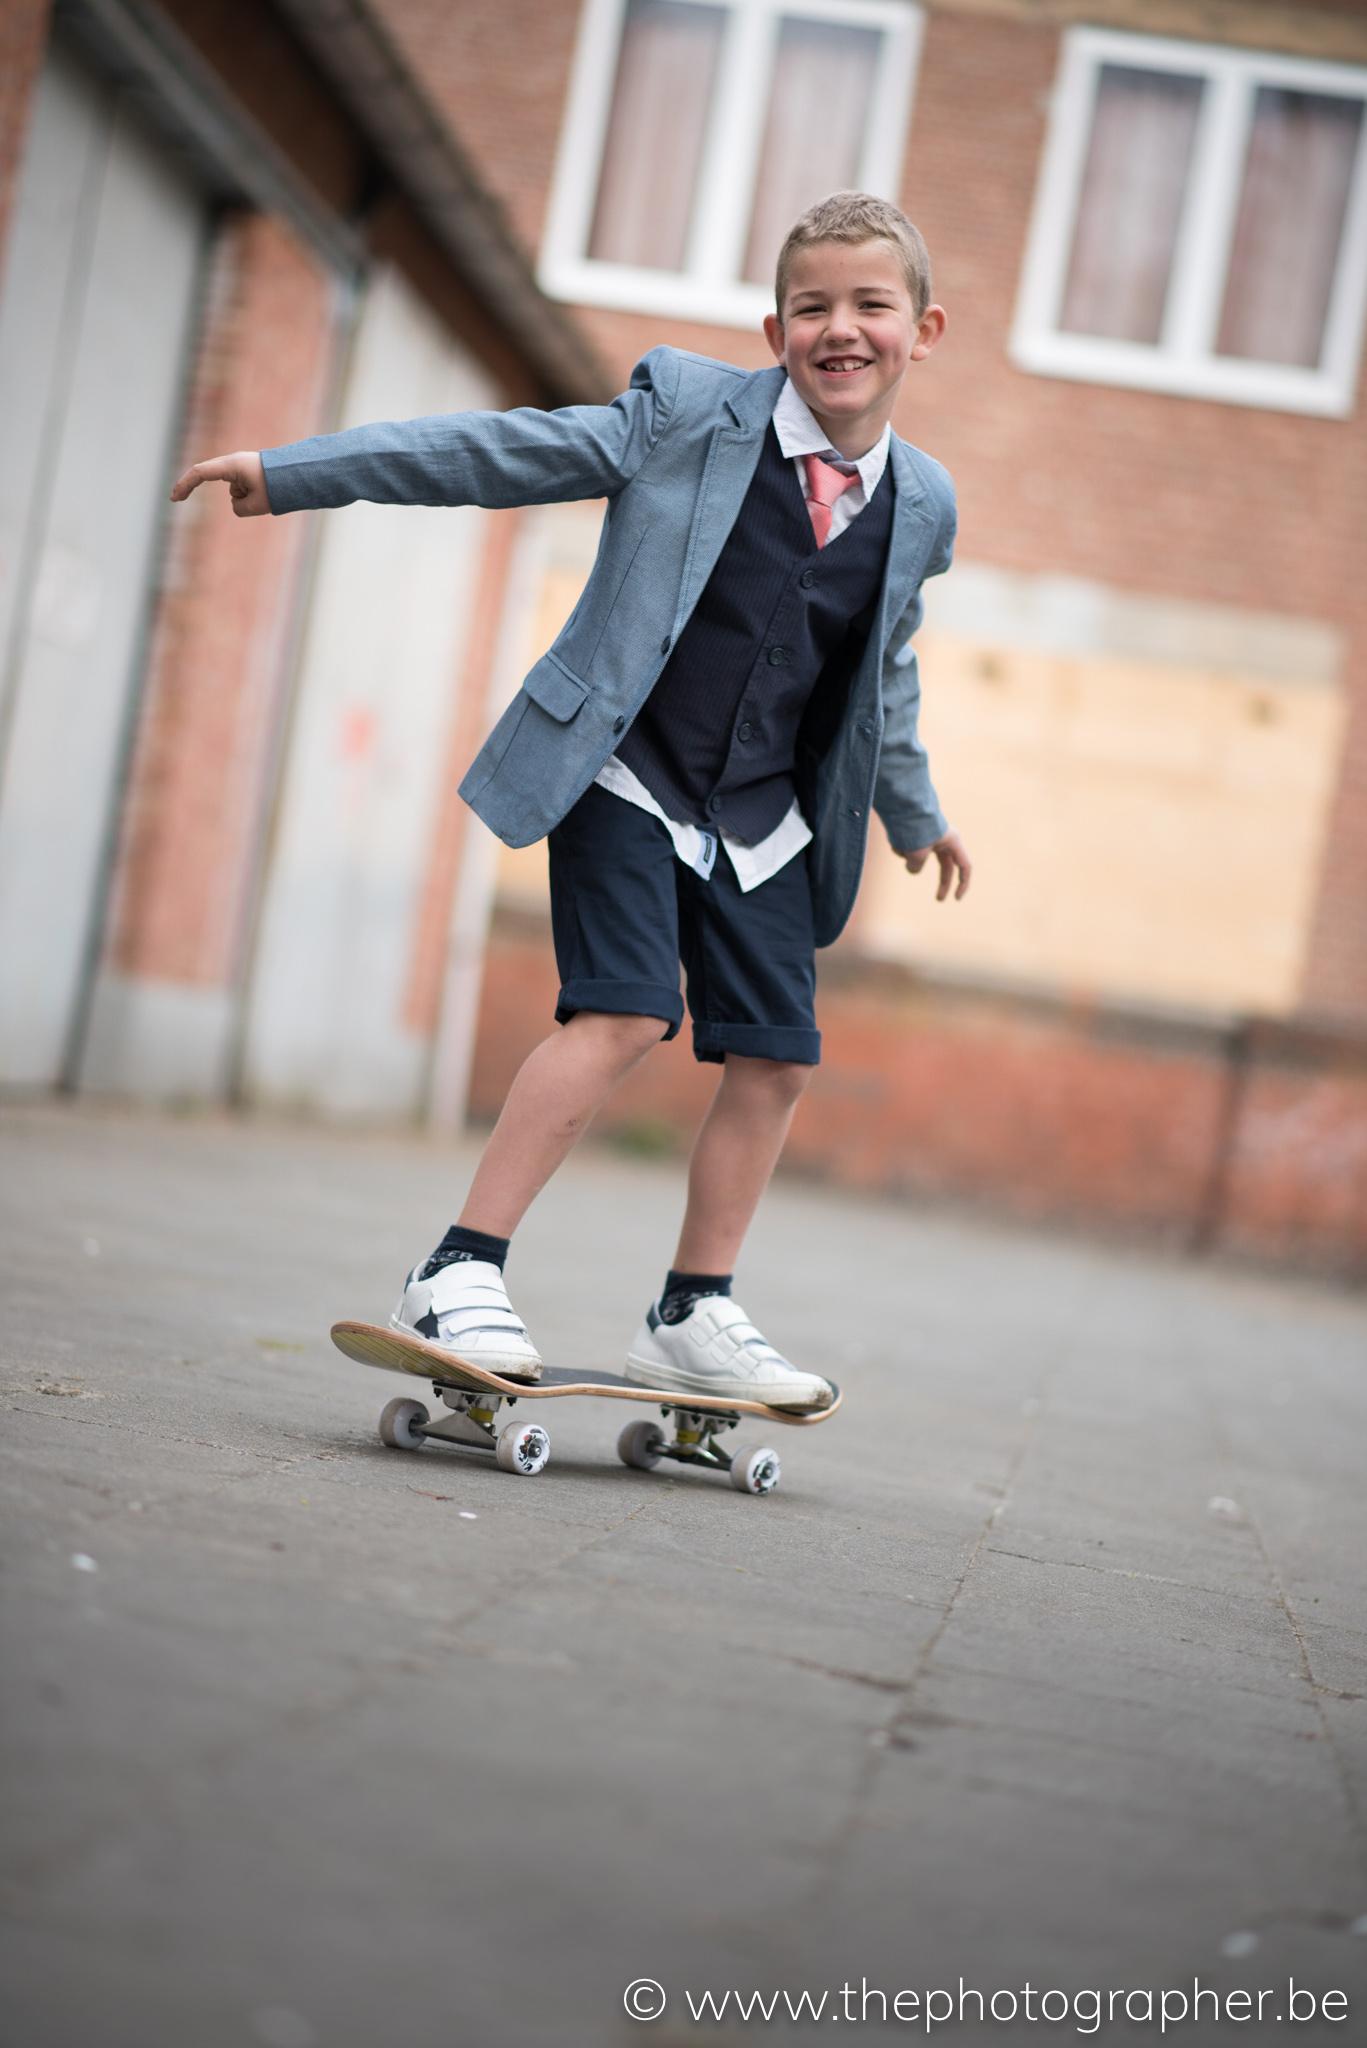 Een stoere communiefoto op een skateboard